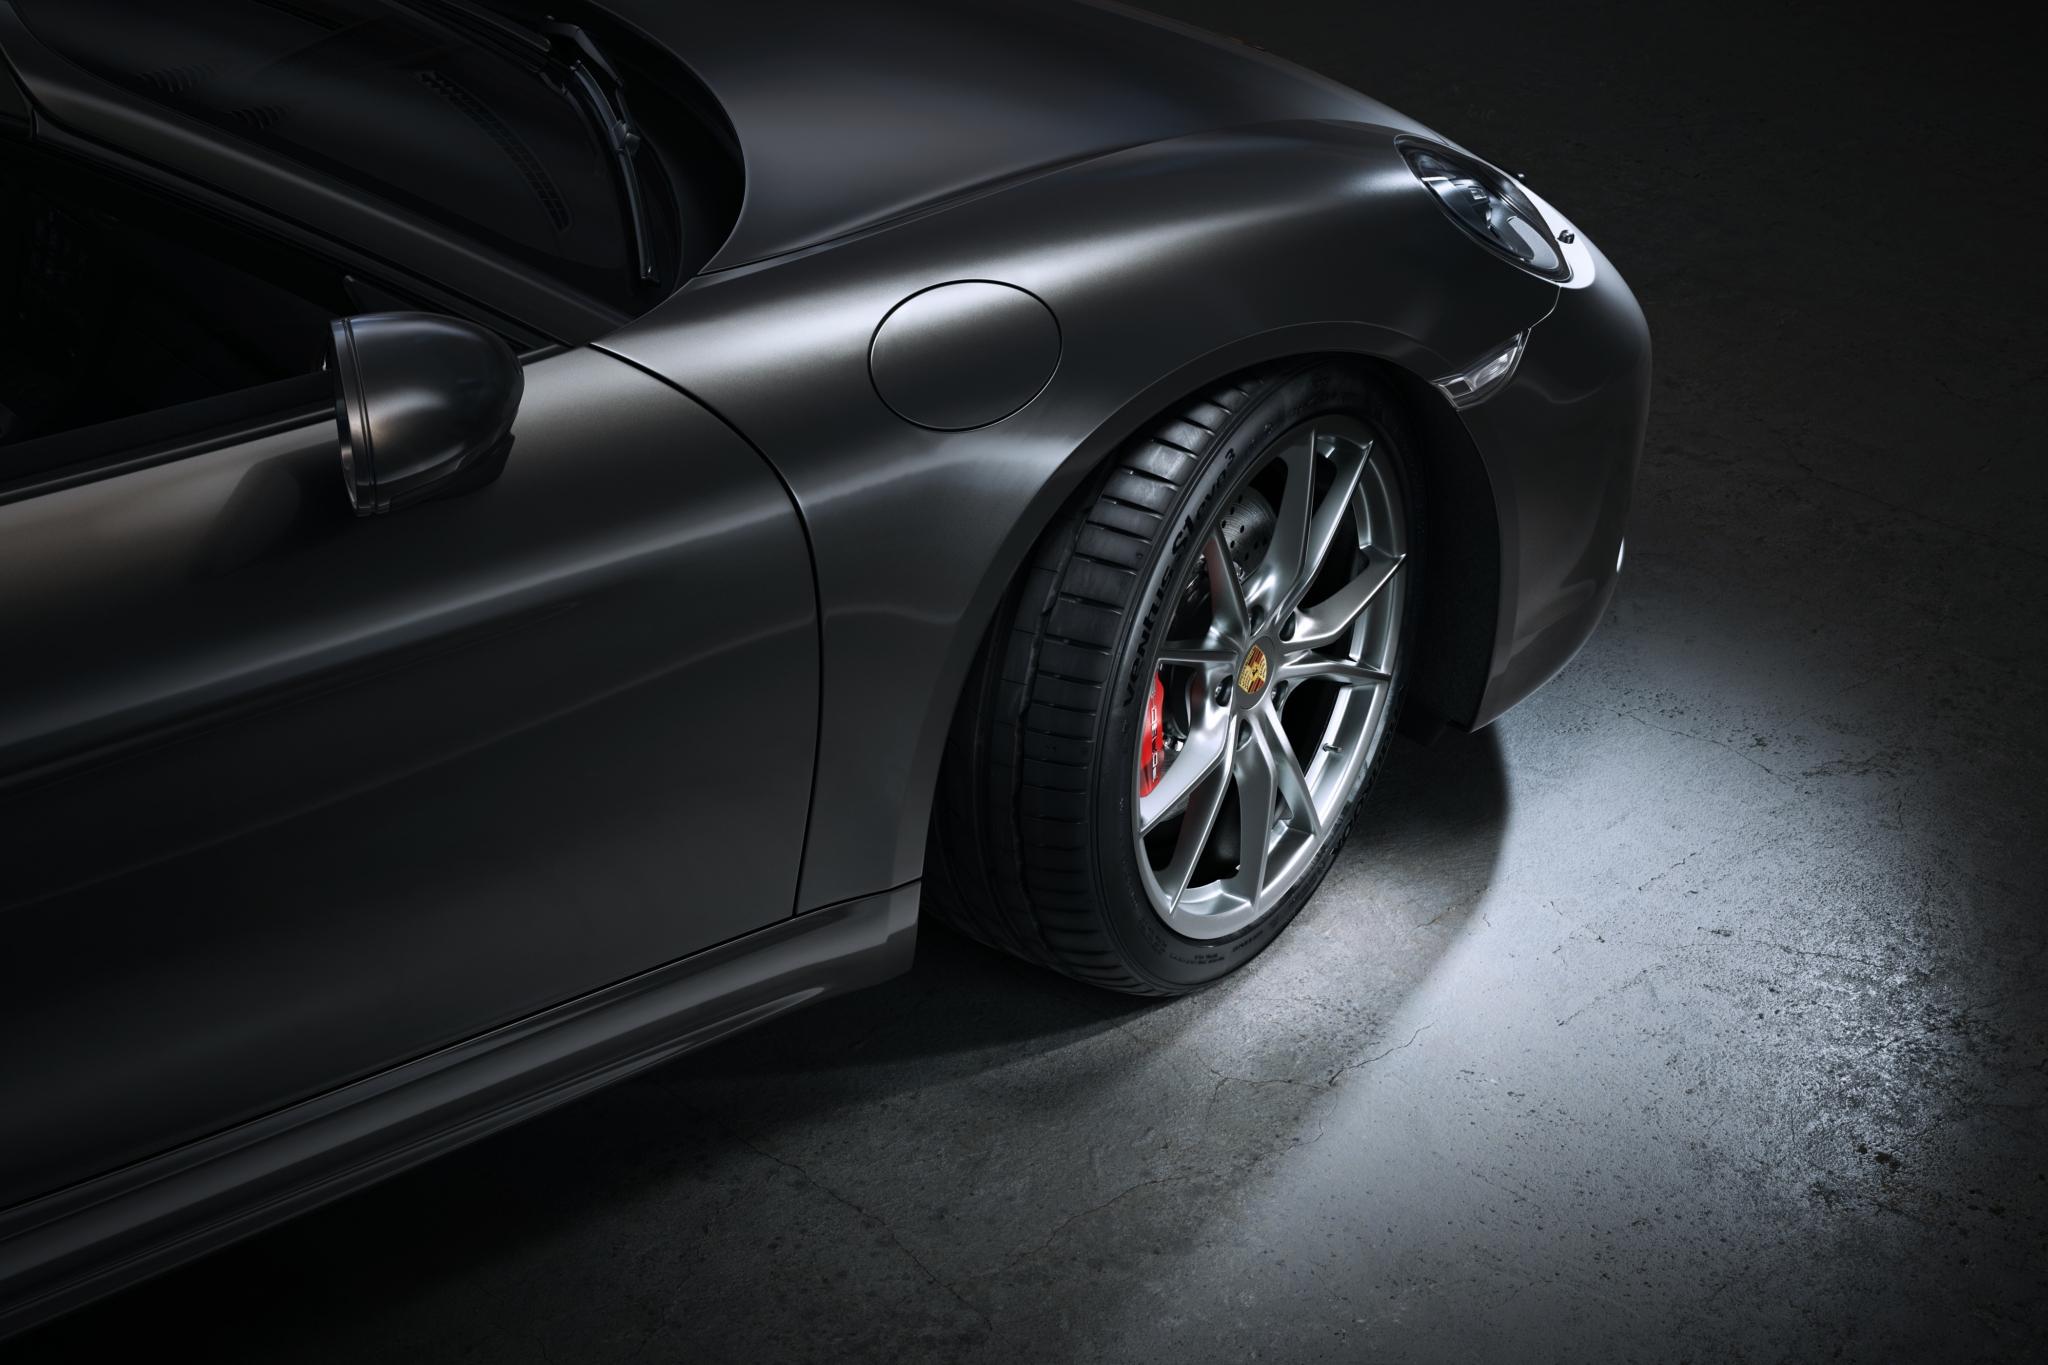 Hankook tyres OE on Porsche 718 models